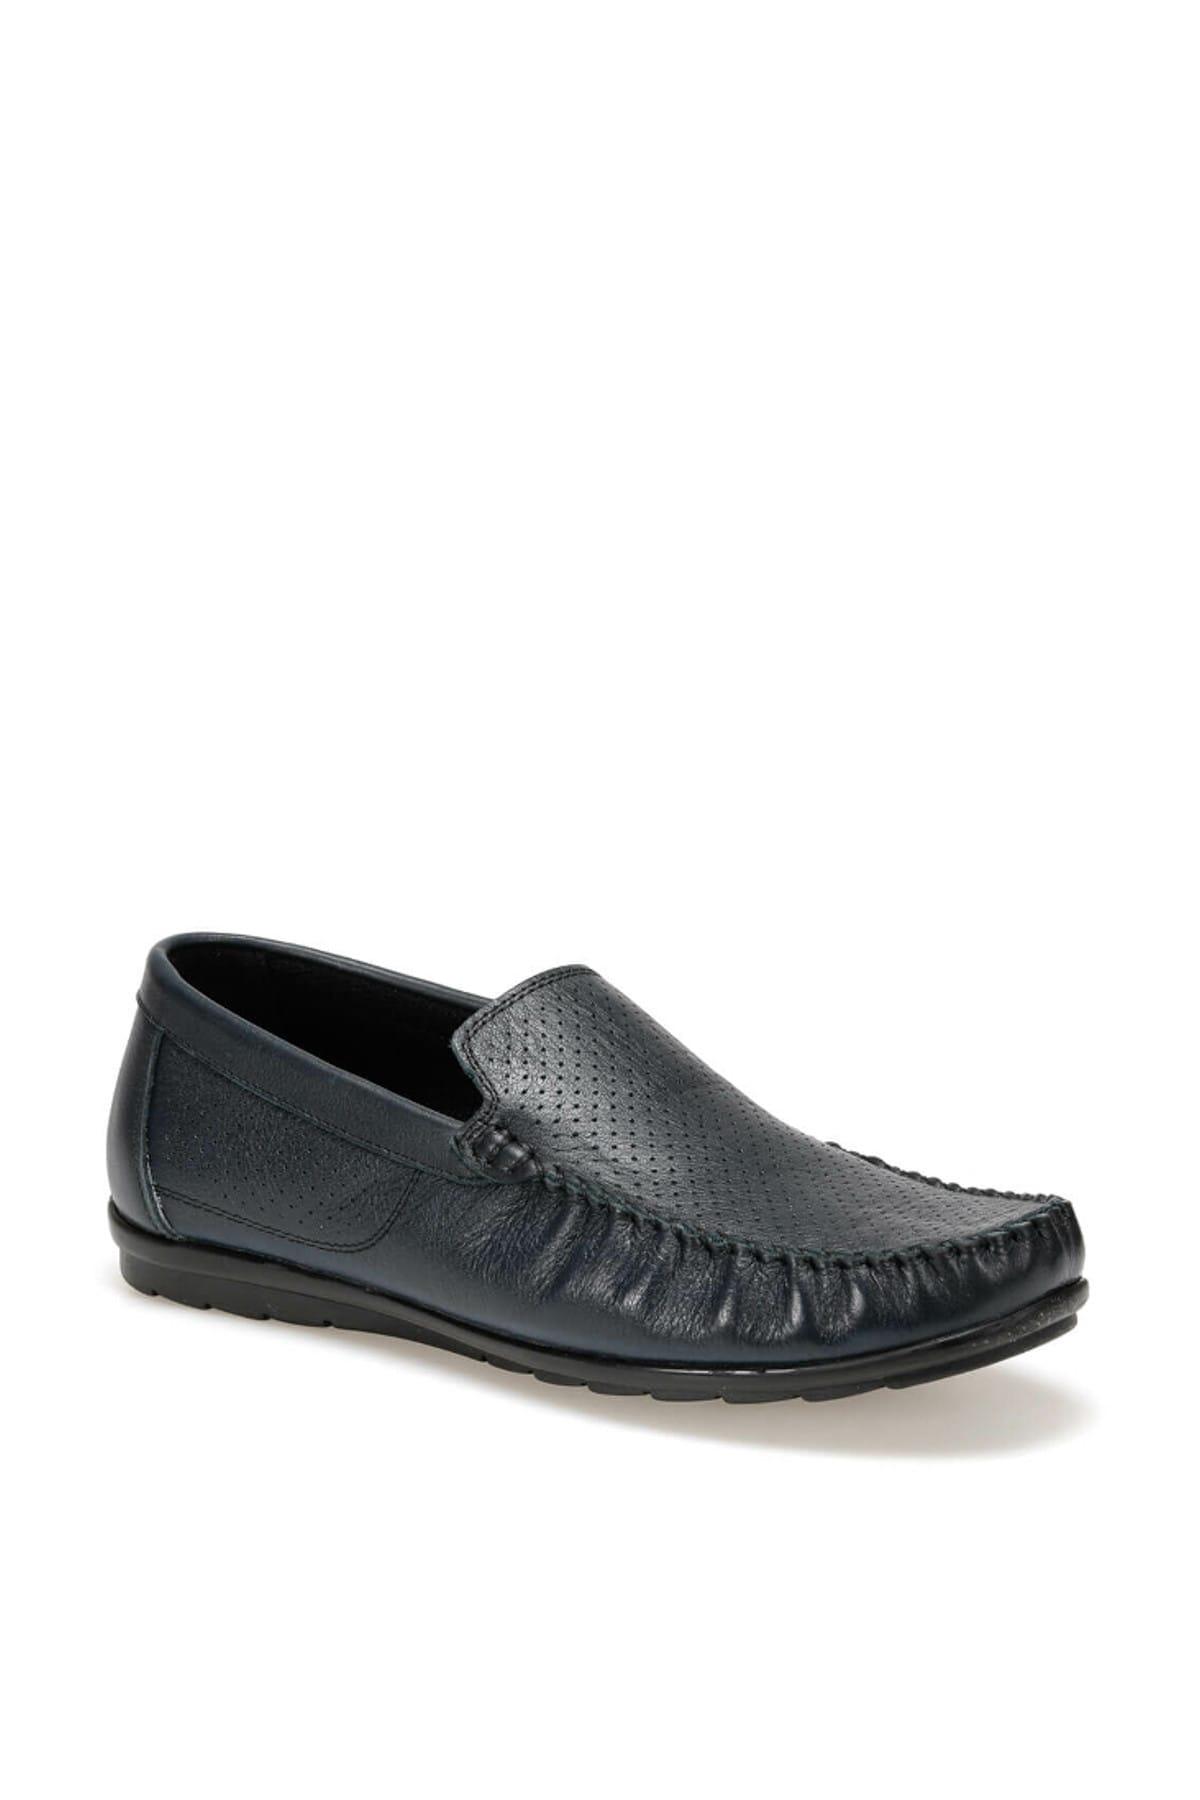 OXIDE 2251 C Lacivert Erkek Loafer Ayakkabı 100349397 1